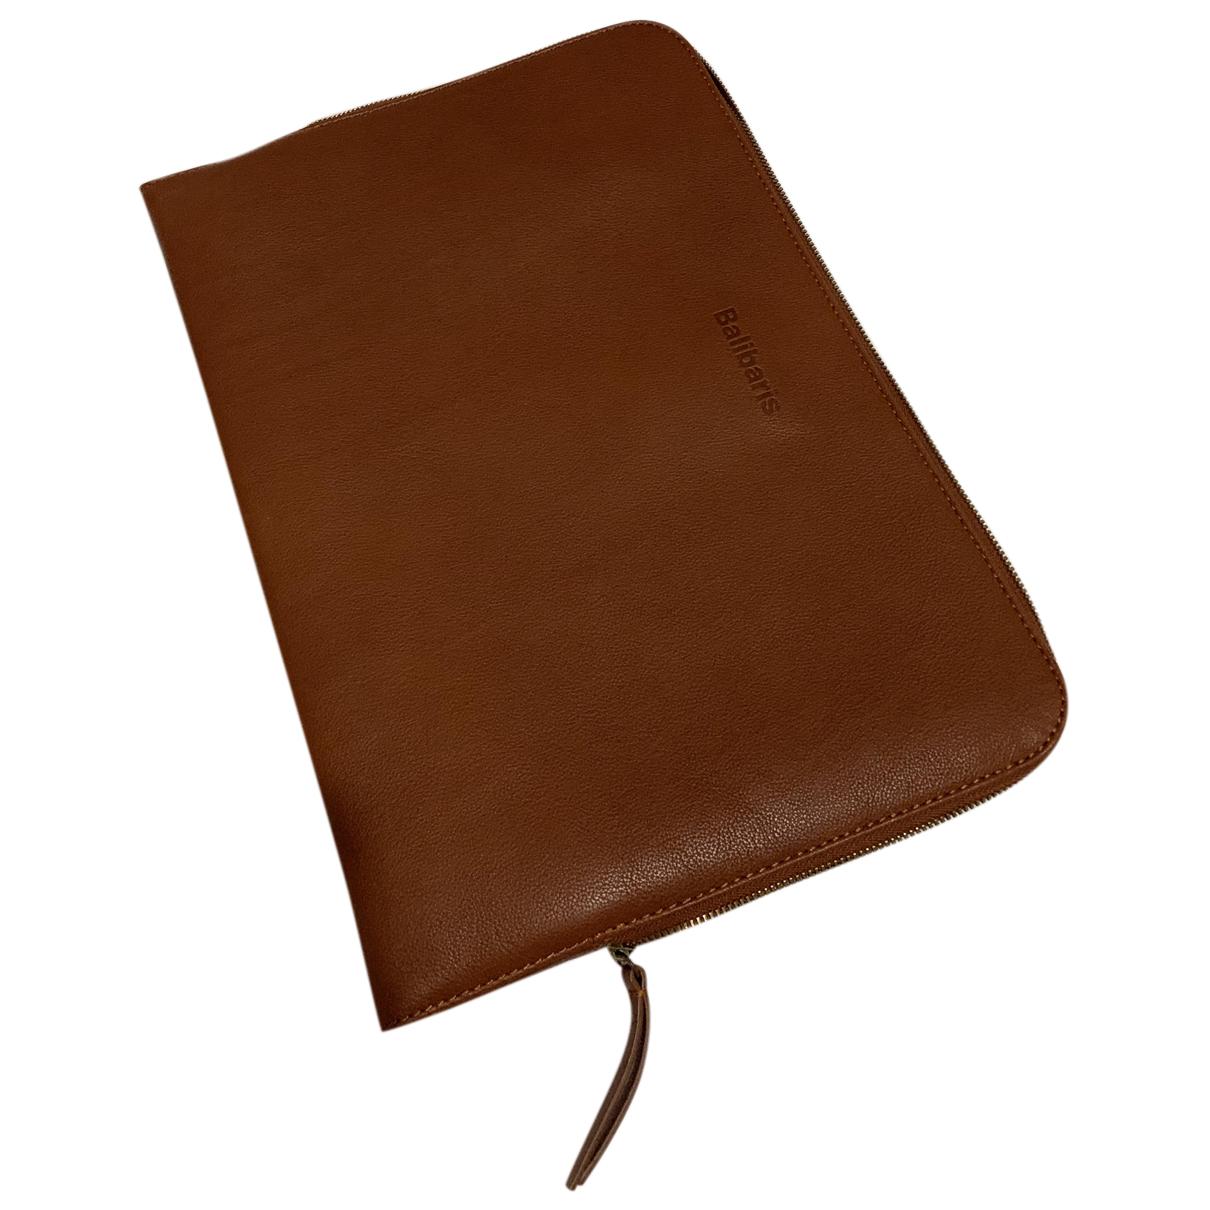 Balibaris - Petite maroquinerie   pour homme en cuir - marron